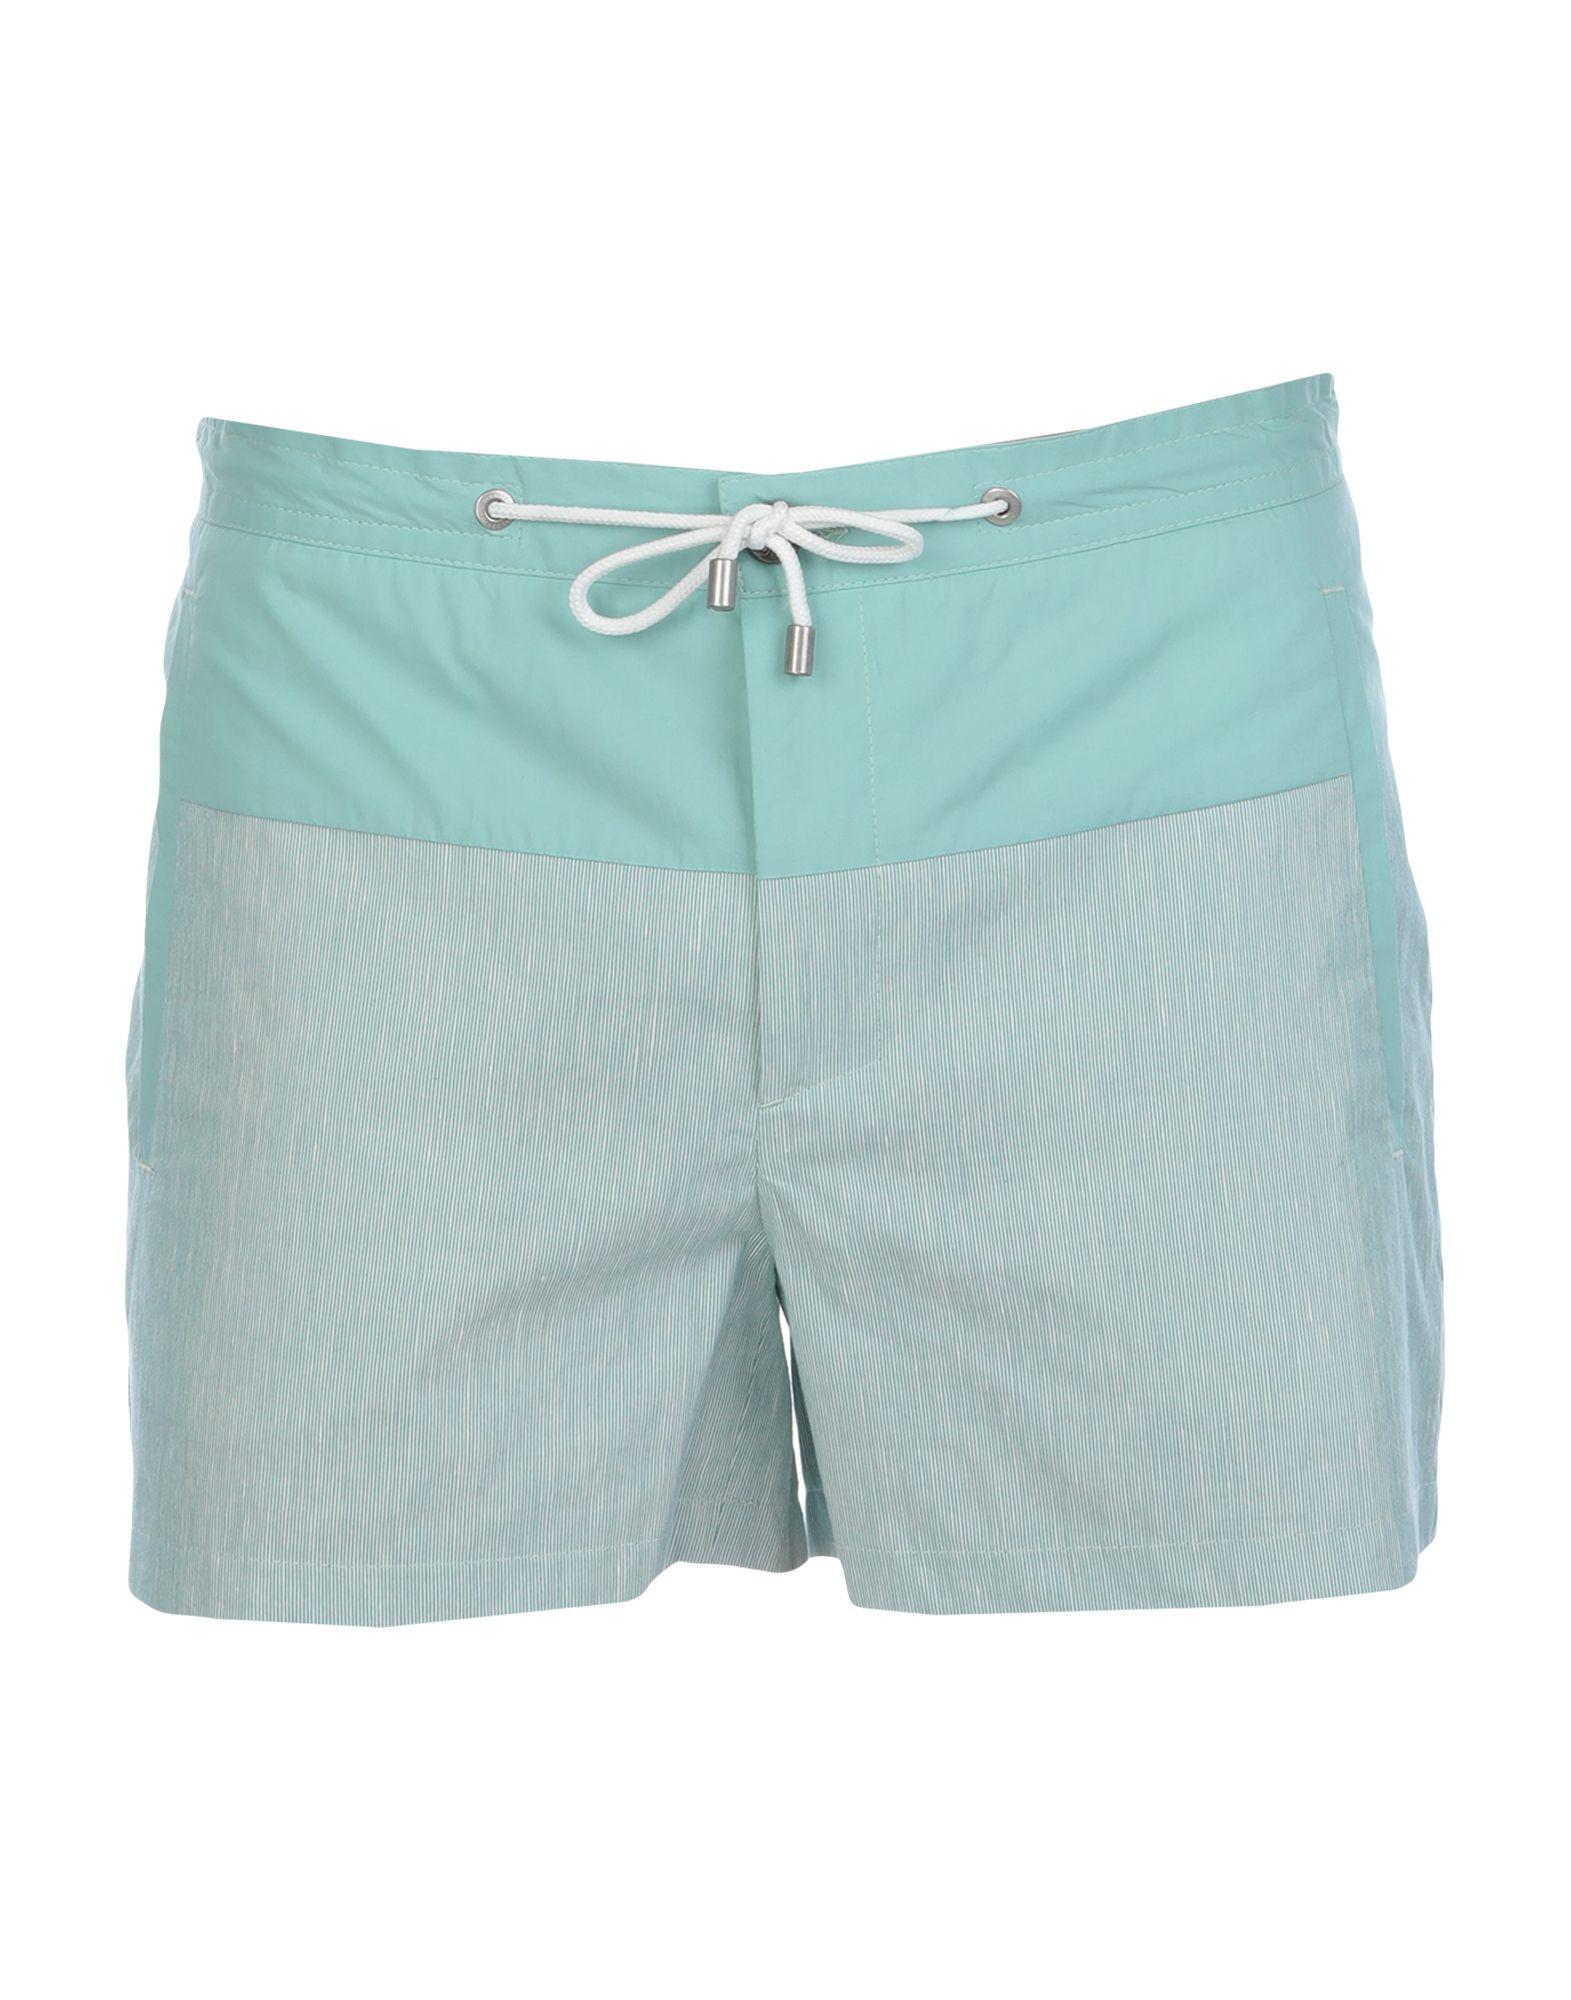 VERSACE COLLECTION Пляжные брюки и шорты lab84 пляжные брюки и шорты